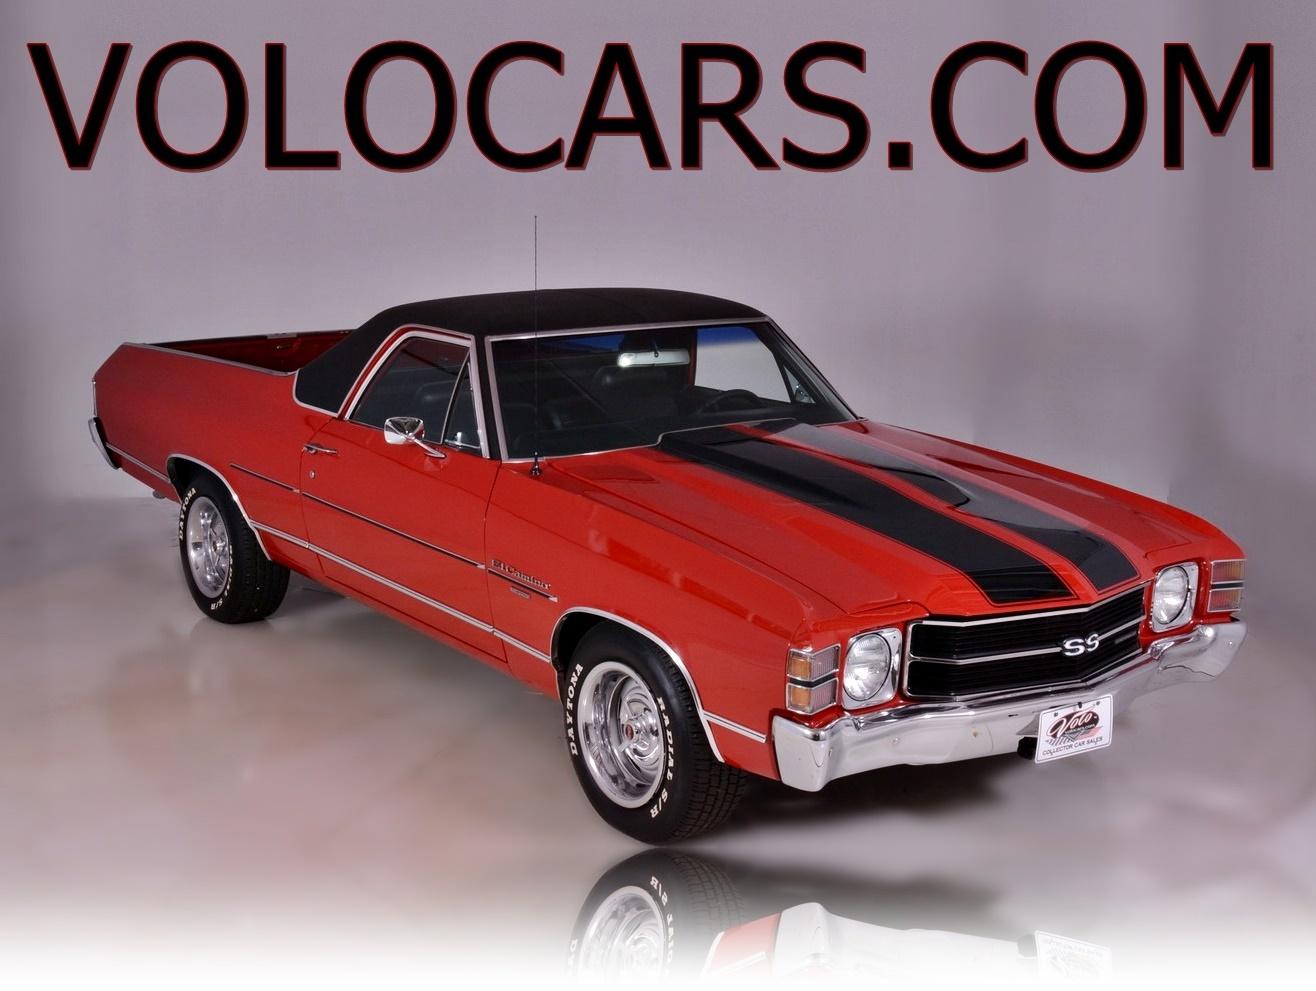 197096 elcamino red blckstripe000 main